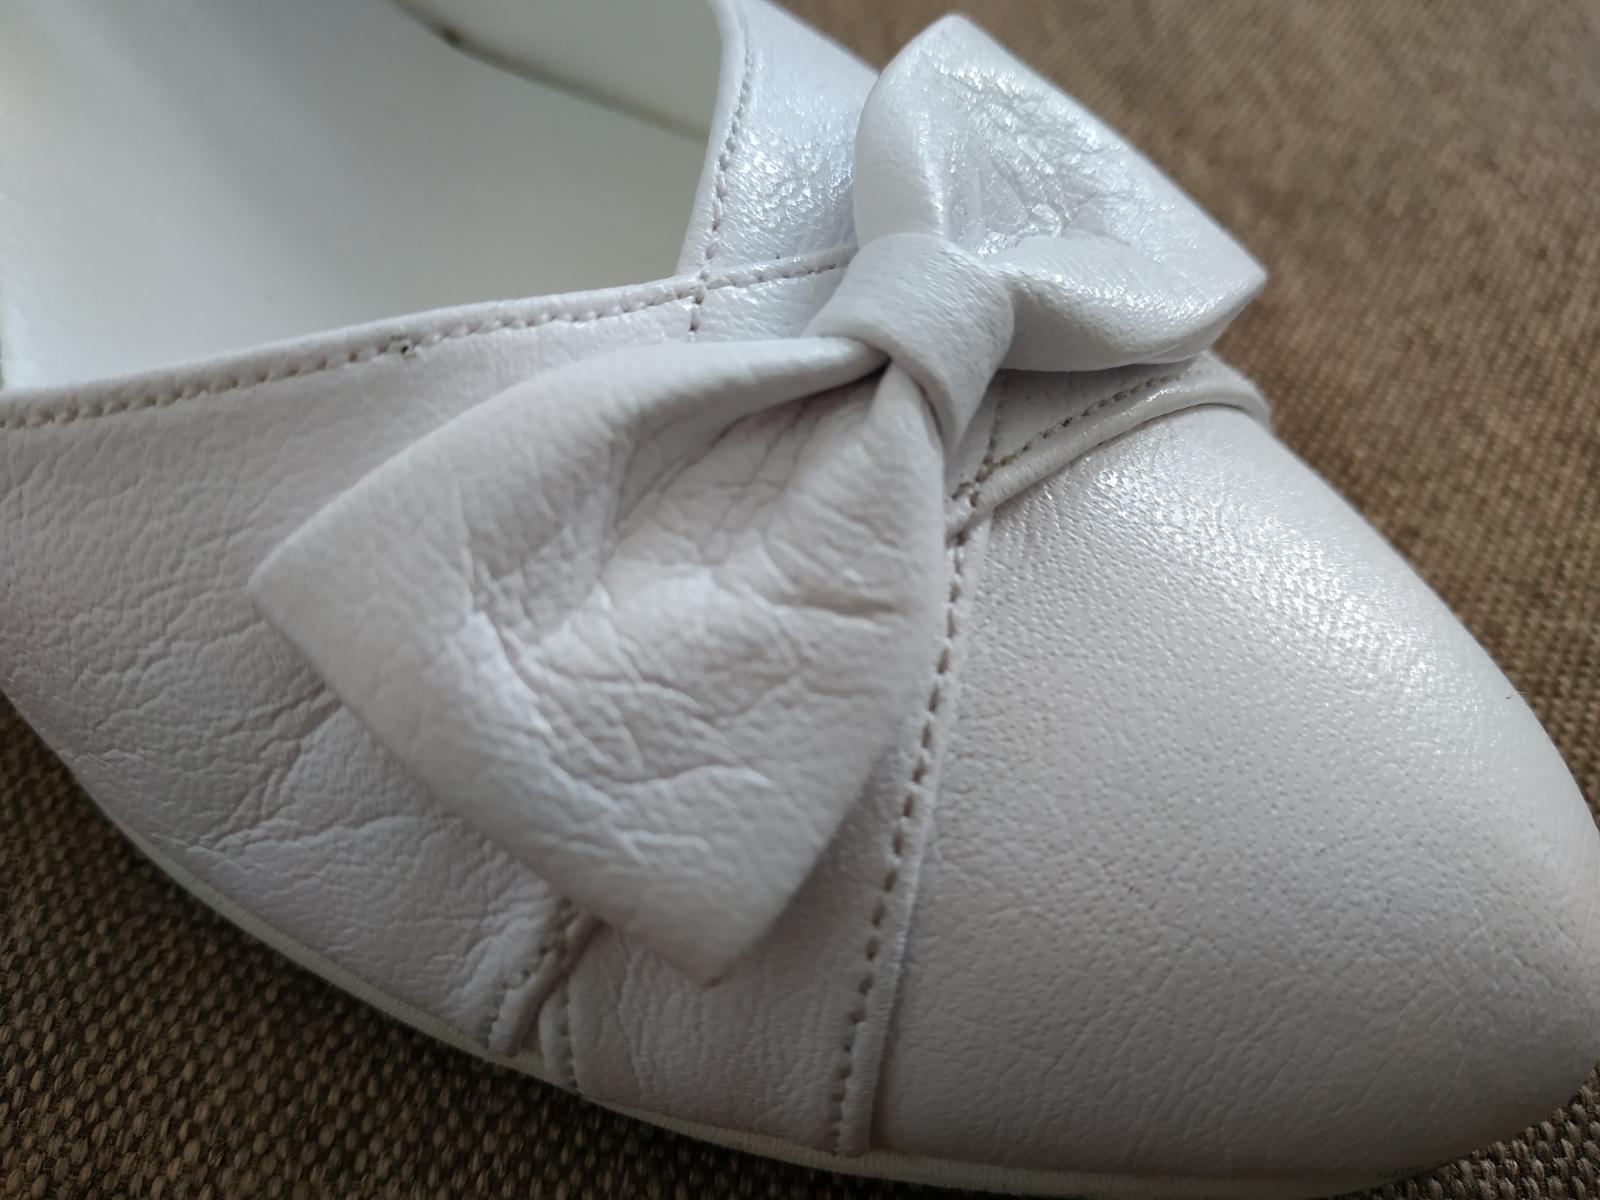 Svadobné biele topanky - Obrázok č. 2